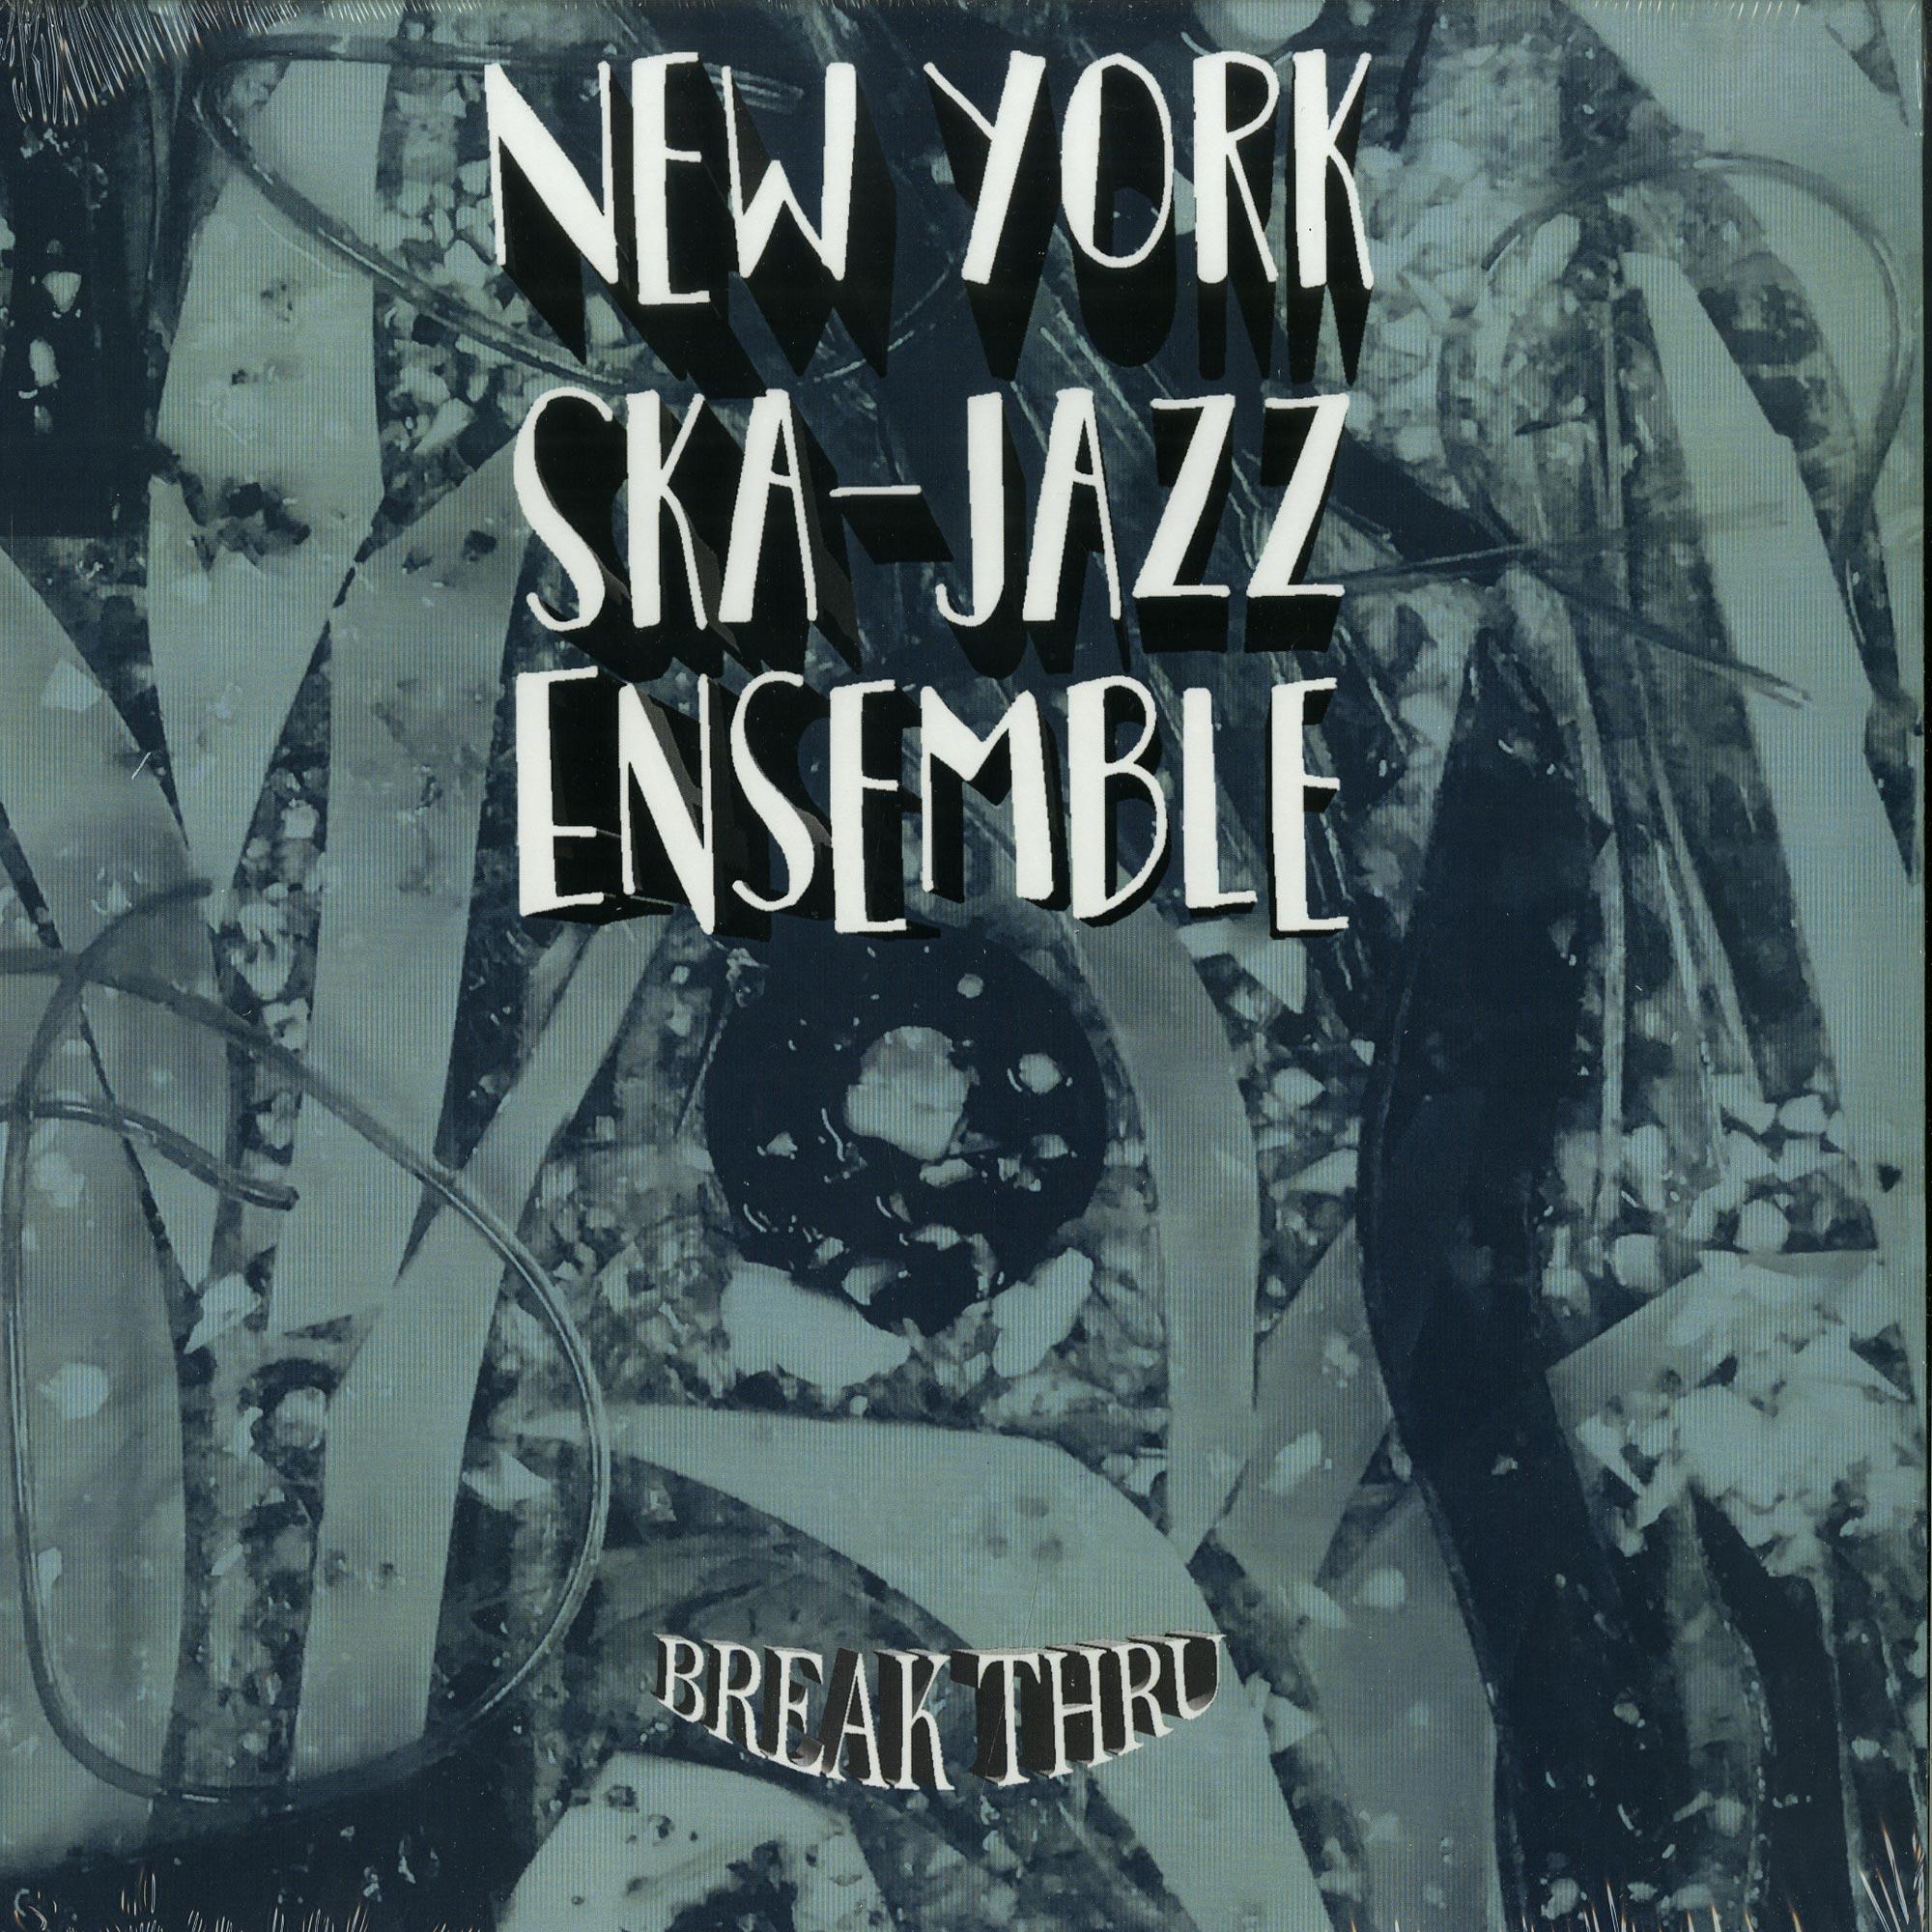 New York Ska-Jazz Ensemble - BREAK THRU